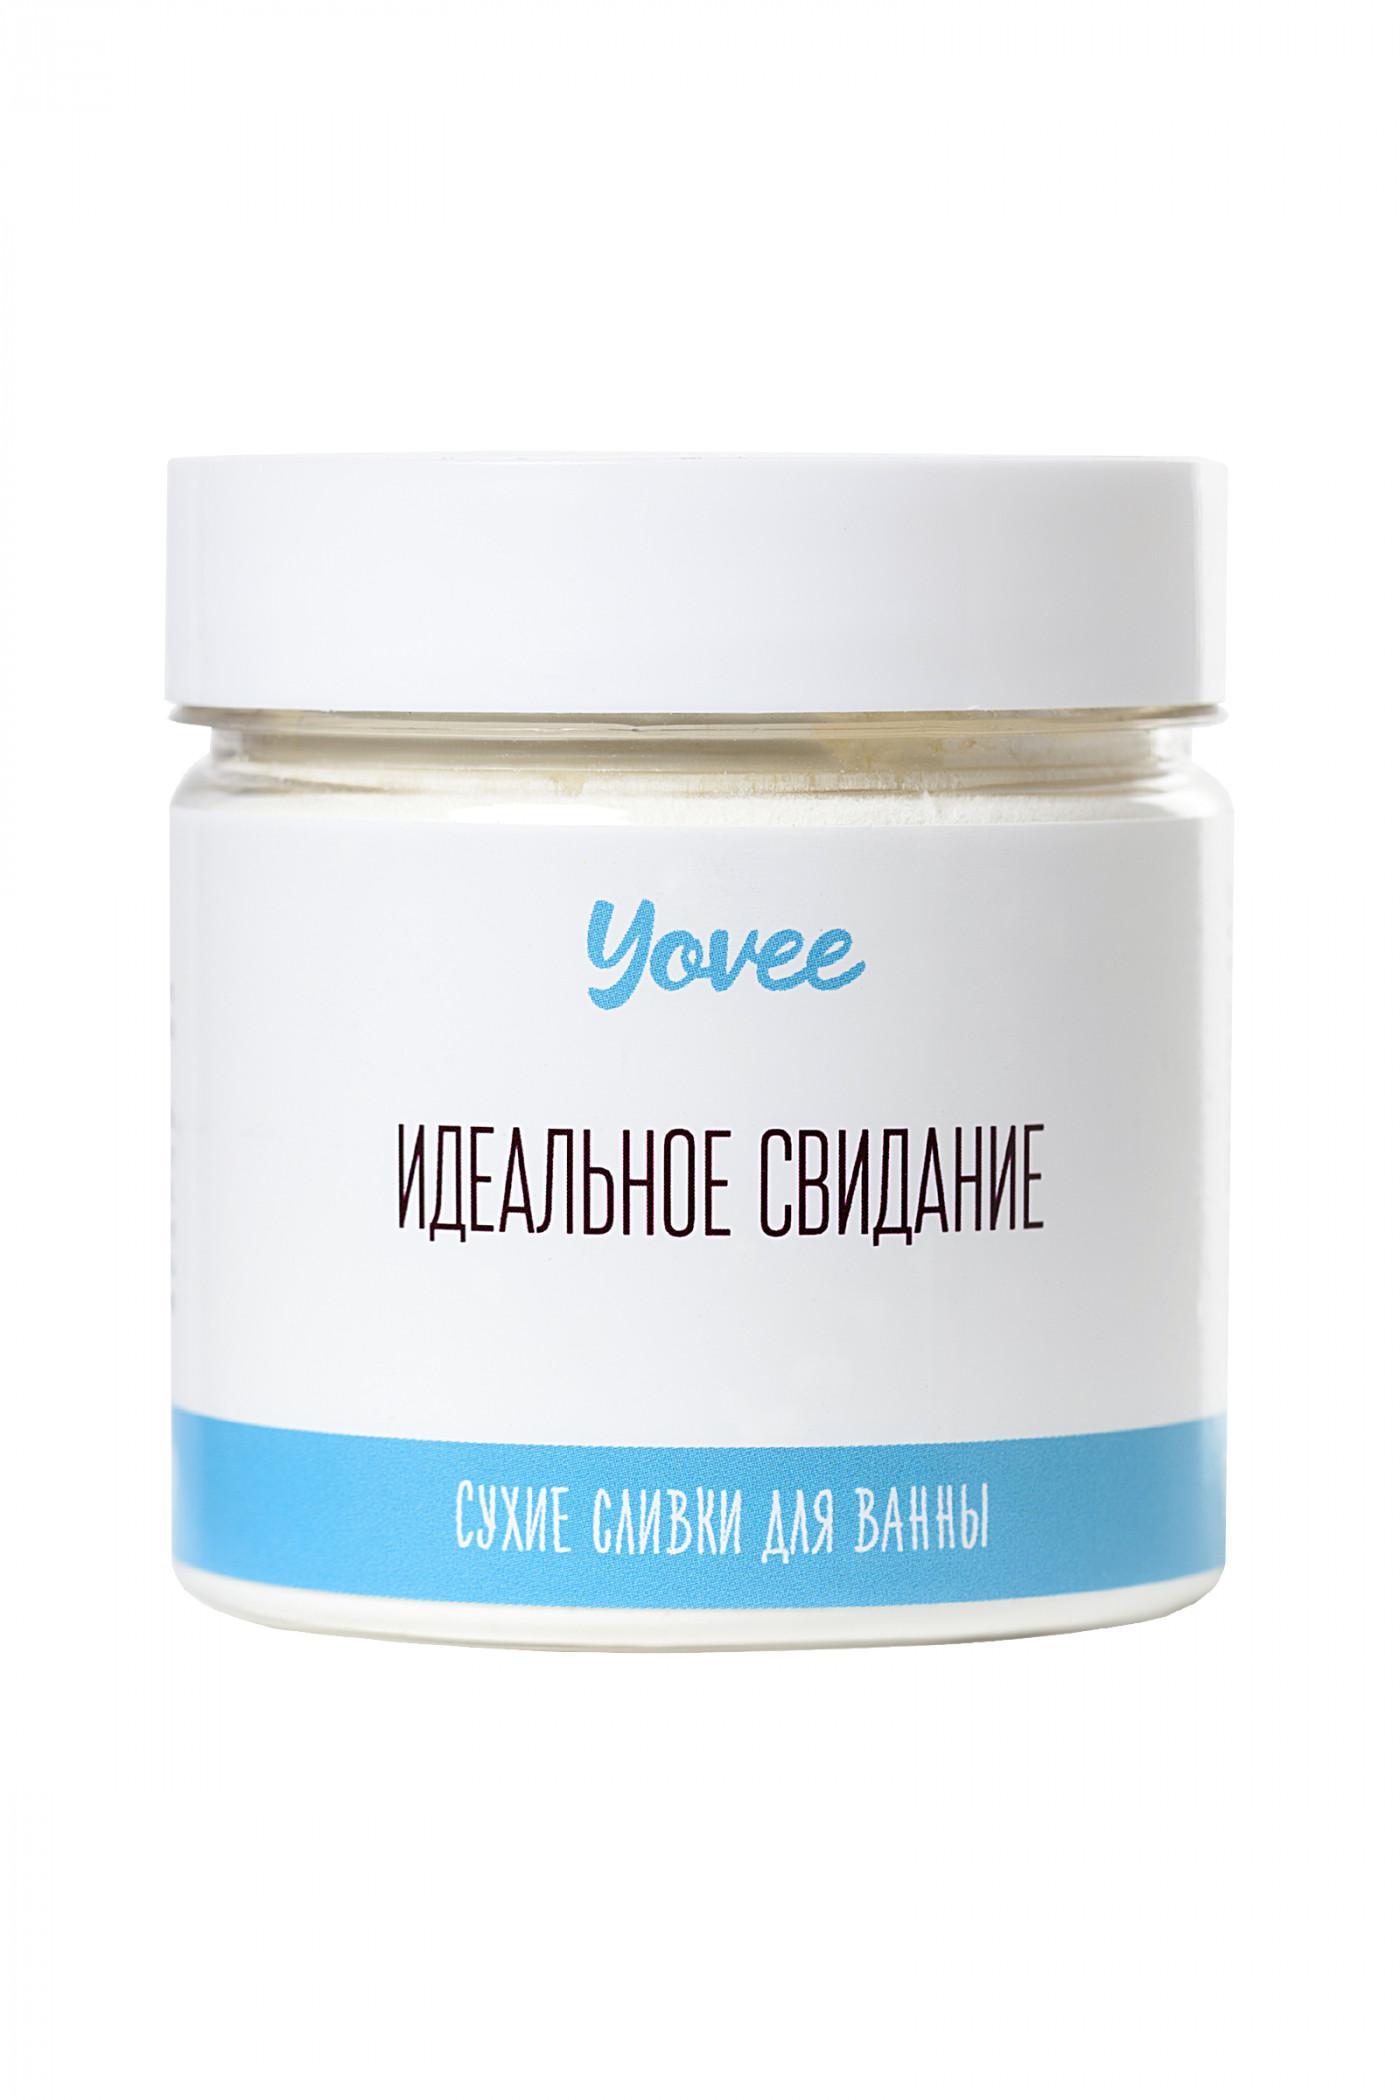 Сухие сливки для ванны Yovee by Toyfa «Кокосовый рай», с ароматом кокоса